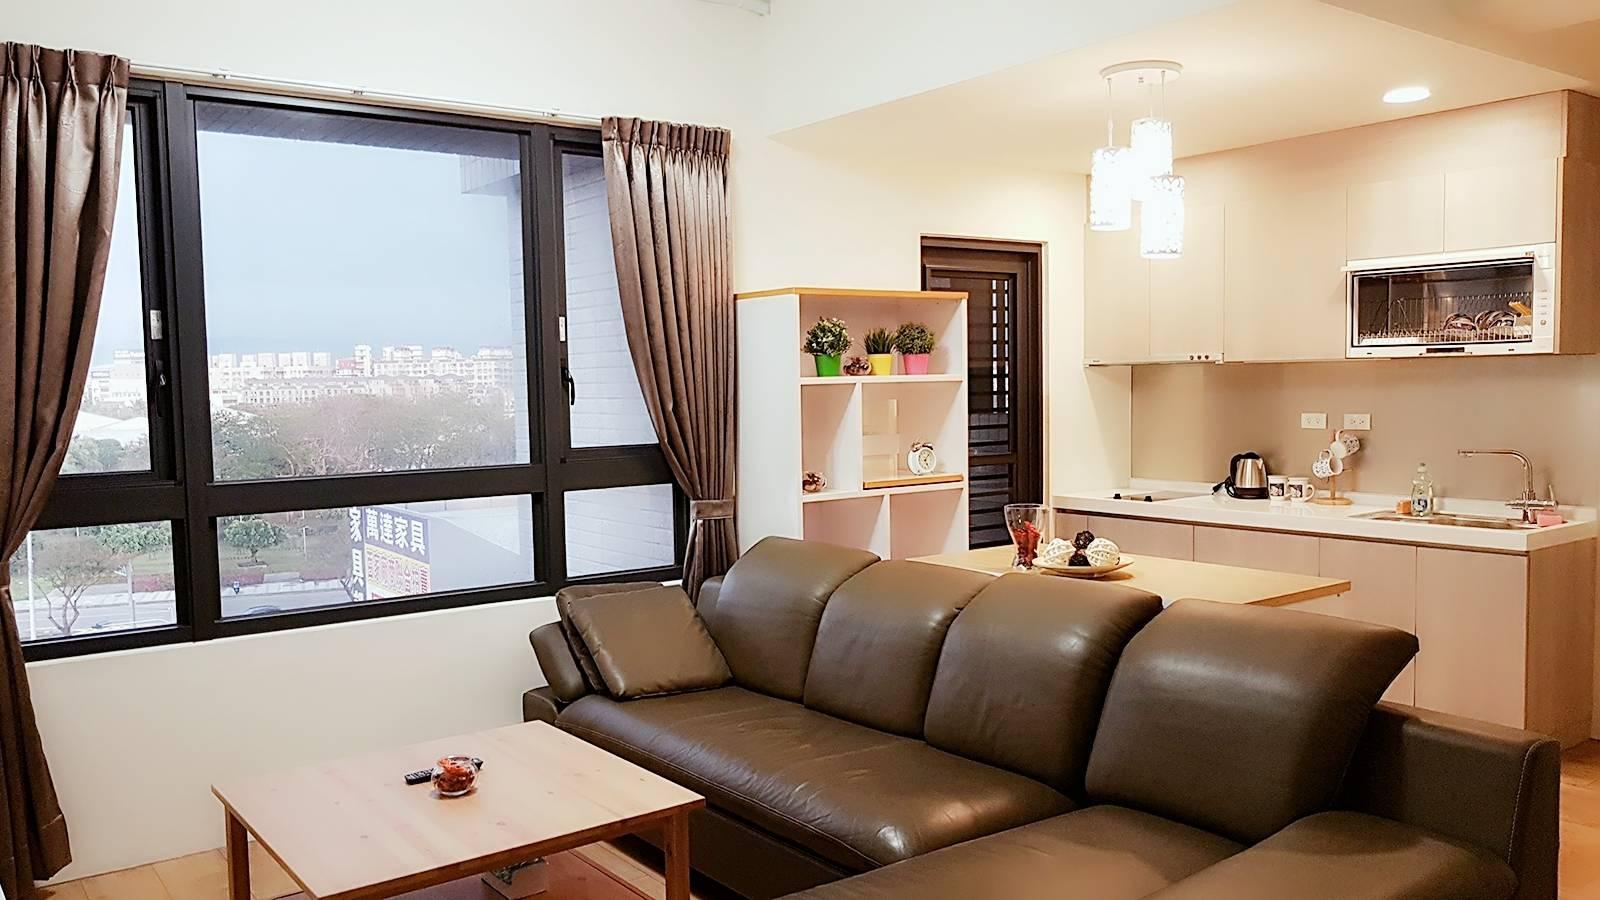 Fong Jia  Window